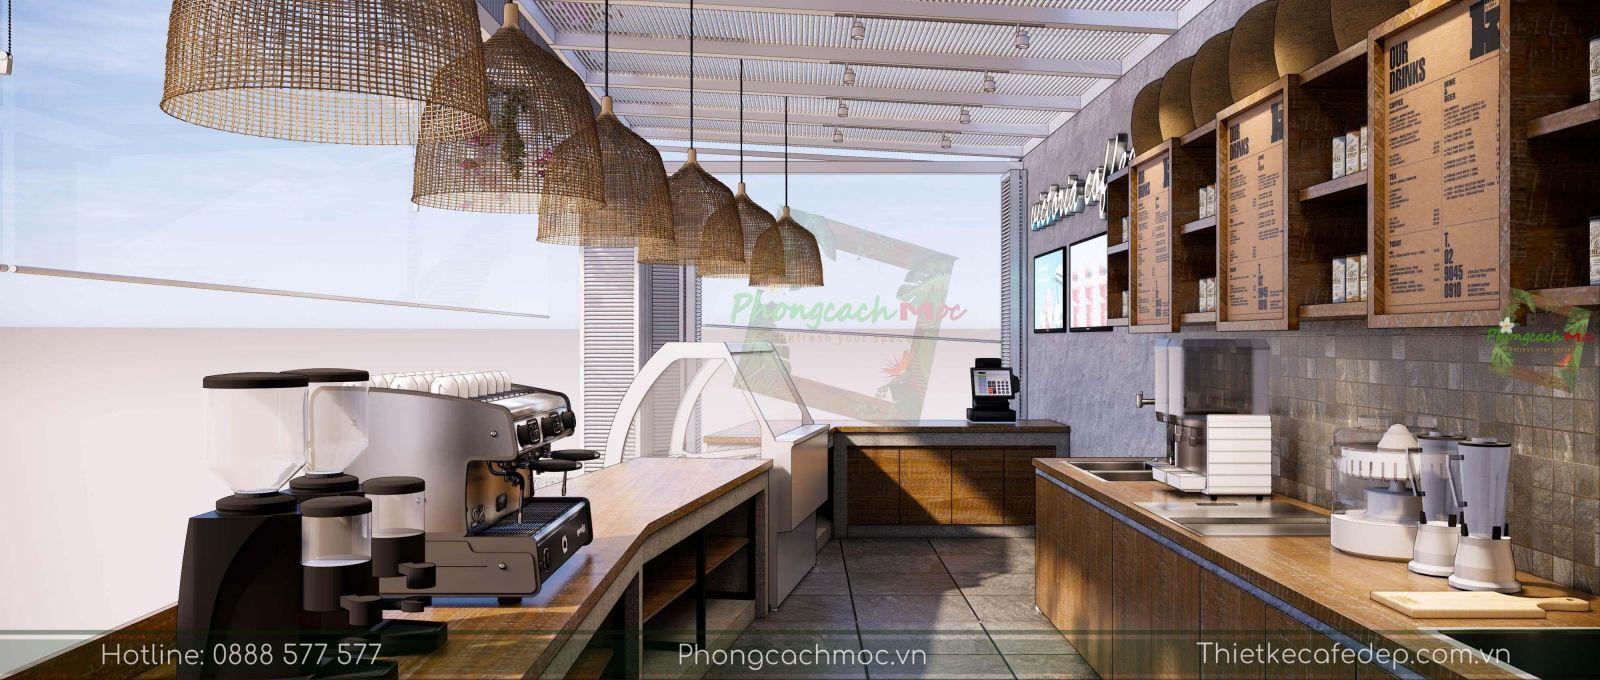 thiết kế quán cafe khu vực quầy bar